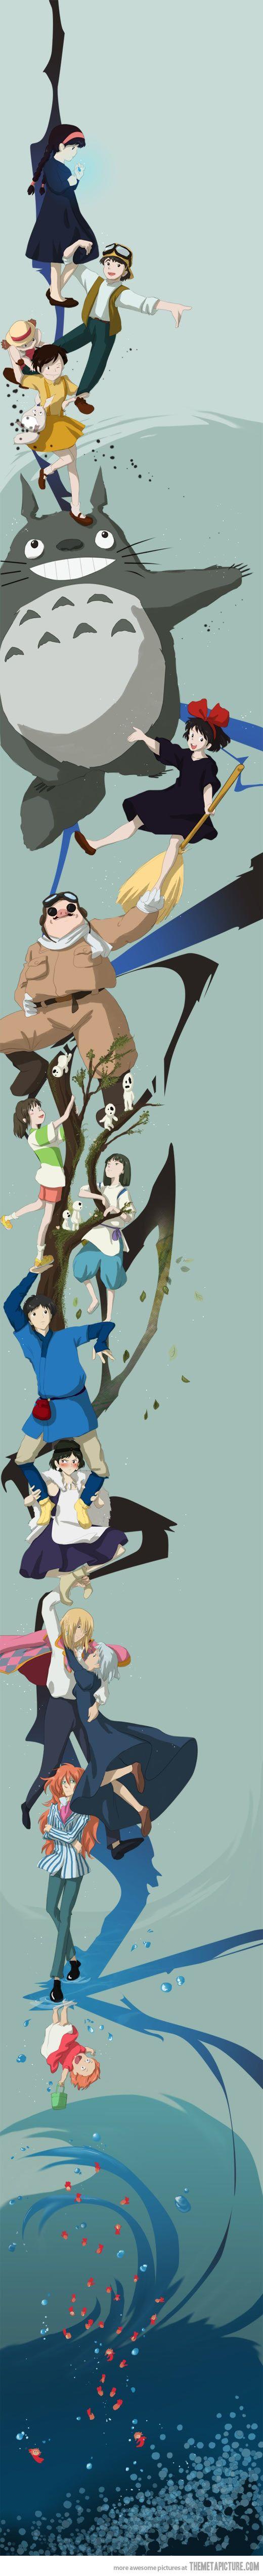 The incredible beauty of Miyazaki characters…